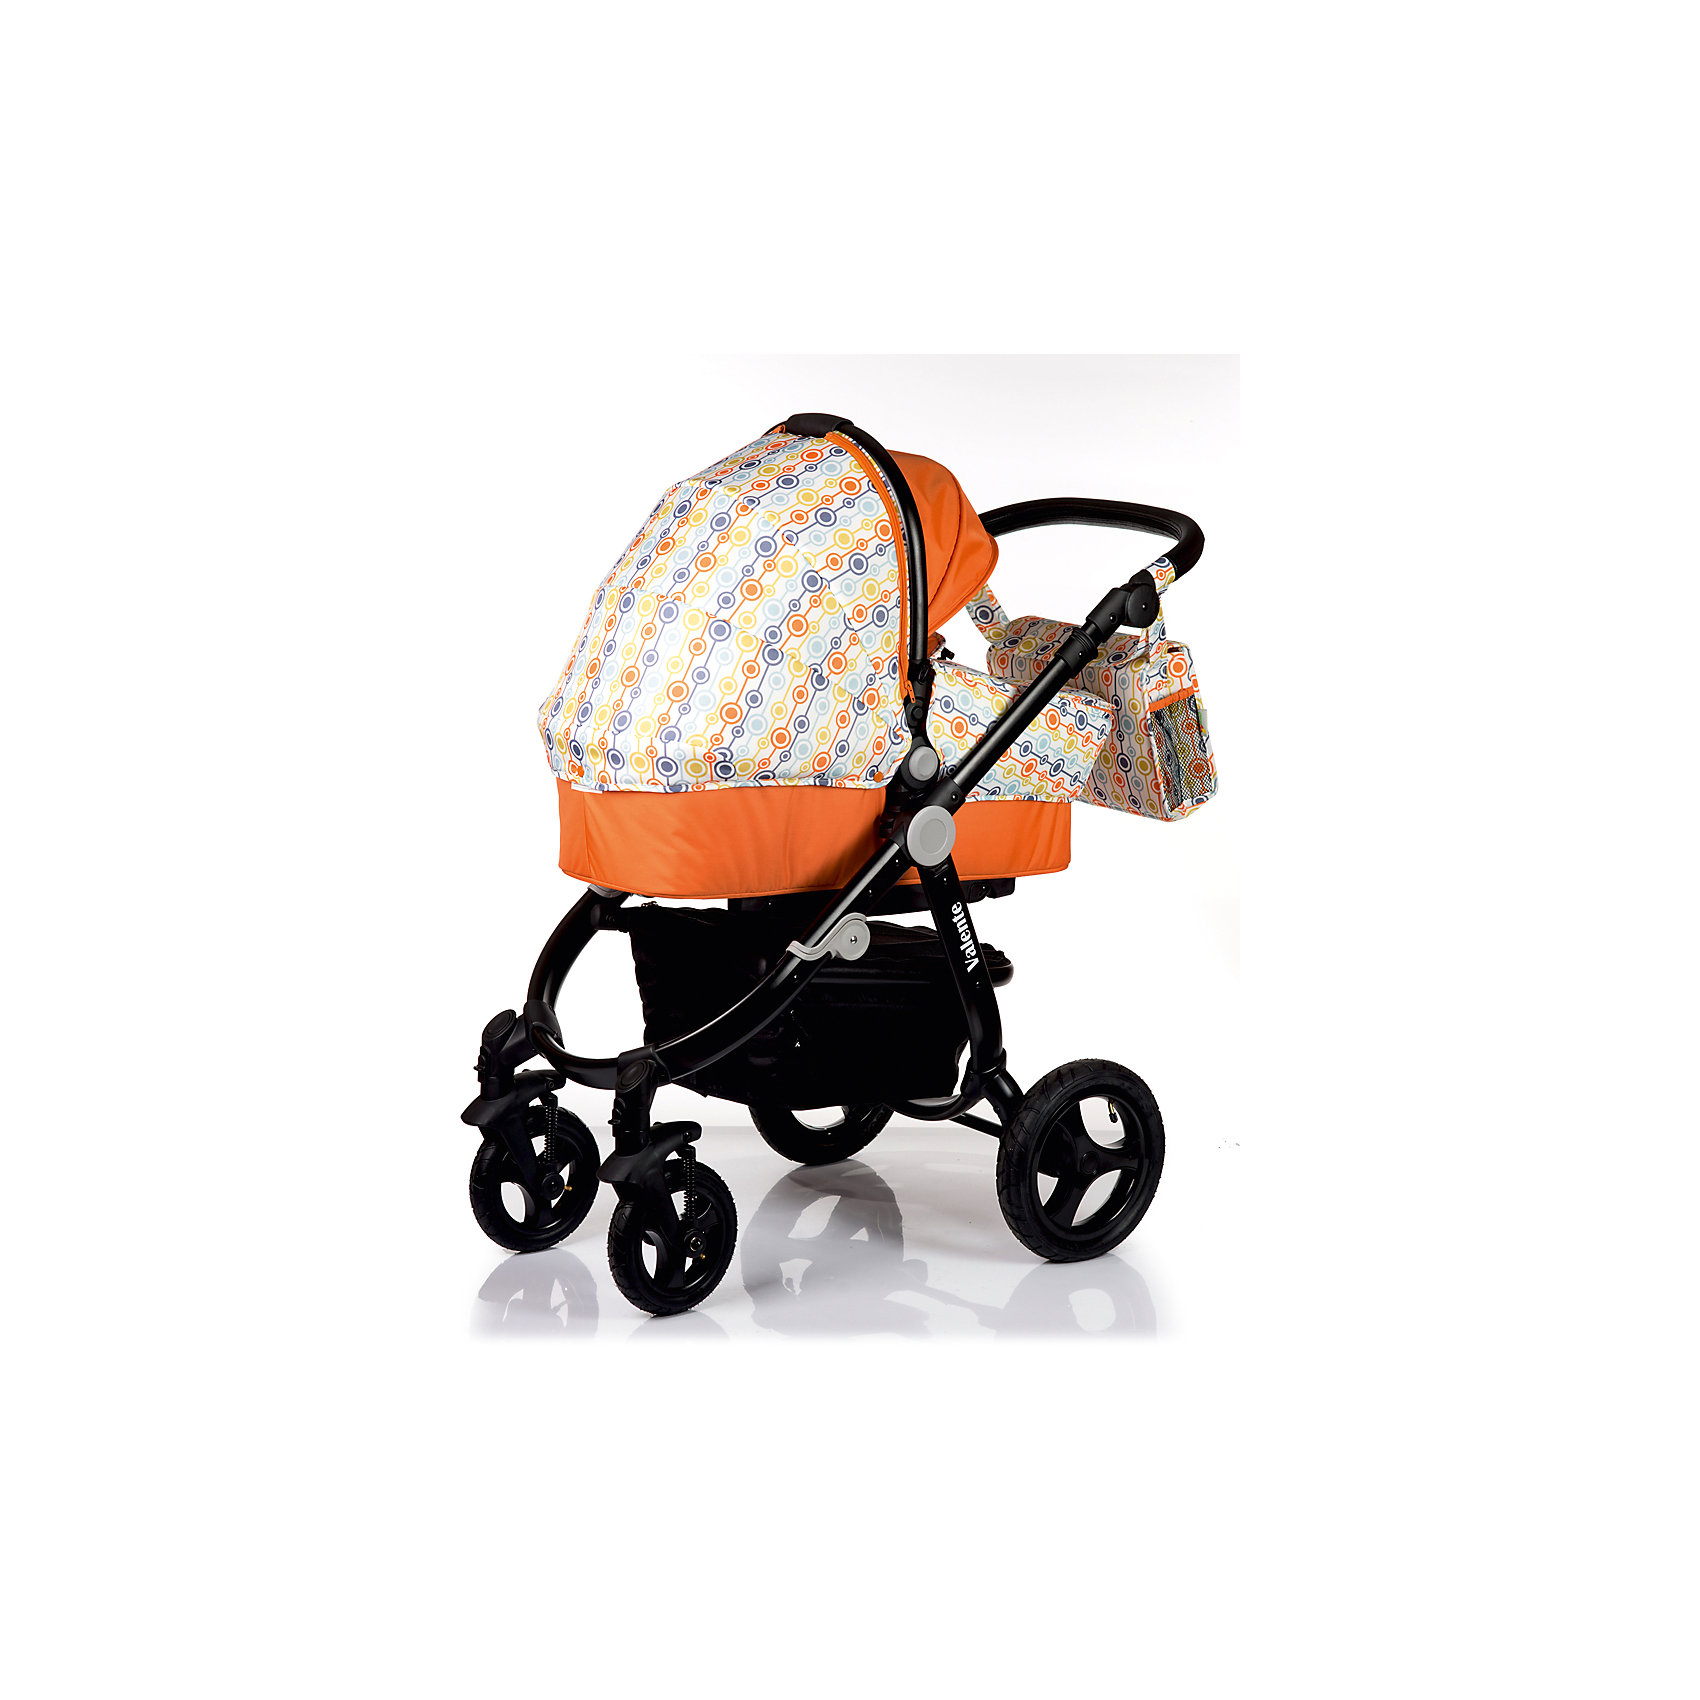 Коляска 2 в 1 BabyHit VALENTE, бело-оранжевыйКоляски 2 в 1<br>Характеристики коляски<br><br>Люлька:<br><br>• хлопковая обивка люльки;<br>• капор оснащен солнцезащитным козырьком;<br>• люлька имеет ручку для переноски;<br>• материал: хлопок, полиэстер, пластик;<br>• размер люльки: 76х34 см;<br>• вес люльки: 3 кг.<br><br>Прогулочный блок:<br><br>• реверсивный прогулочный блок, 2 направления относительно хода движения коляски;<br>• спинка опускается до почти горизонтального положения, угол наклона 170 градусов;<br>• регулируемая подножка, 2 положения;<br>• капюшон-батискаф, опускается почти до бампера;<br>• съемный бампер с тканевым разделителем;<br>• материал: пластик, полиэстер;<br>• длина спального места: 79 см;<br>• ширина сиденья: 33 см;<br>• вес прогулочного блока: 6,5 кг.<br><br>Рама коляски:<br><br>• регулируемая по высоте ручка;<br>• надувные колеса, передние поворотные колеса с блокировкой;<br>• наличие амортизаторов;<br>• тип складывания: книжка;<br>• материал: алюминий, пластик, колеса – ПВХ;<br>• диаметр колес: 20 см, 28 см;<br>• высота ручки: 80-104 см<br><br>Размер коляски: 104х60х115 см<br>Размер коляски в сложенном виде: 86х50х44 см<br>Вес коляски с люлькой: 13,1 кг<br>Вес коляски с прогулочным блоком: 13,1 кг<br>Вес в упаковке: 21 кг<br><br>Дополнительная комплектация:<br><br>• накидка на люльку;<br>• чехол на ножки;<br>• 2 матрасика;<br>• дождевик;<br>• москитная сетка;<br>• сумка для мамы;<br>• насос;<br>• корзина для покупок на молнии;<br>• инструкция.<br><br>Коляску 2 в 1 VALENTE, Babyhit, цвет бело-оранжевый можно купить в нашем интернет-магазине.<br><br>Ширина мм: 500<br>Глубина мм: 440<br>Высота мм: 860<br>Вес г: 21000<br>Возраст от месяцев: 0<br>Возраст до месяцев: 36<br>Пол: Унисекс<br>Возраст: Детский<br>SKU: 5500317